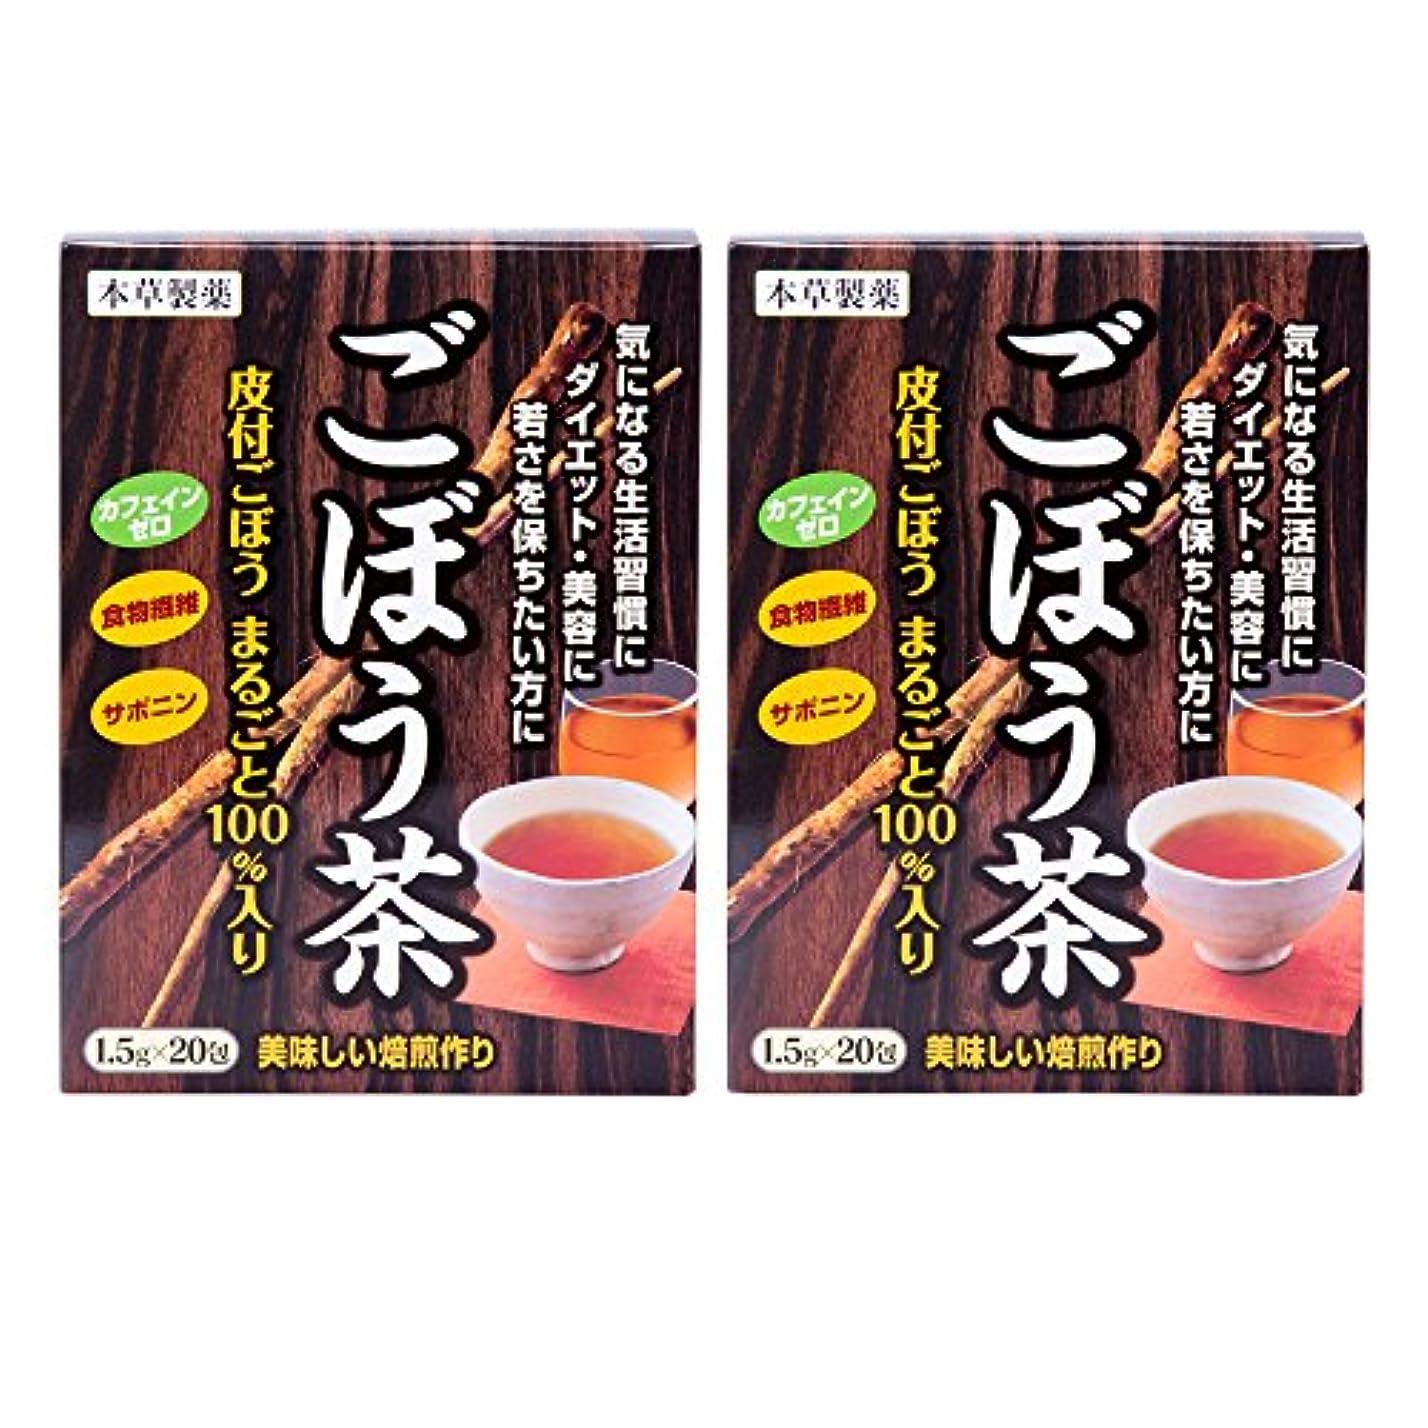 バイソン唇空虚本草製薬 ごぼう茶 2個セット